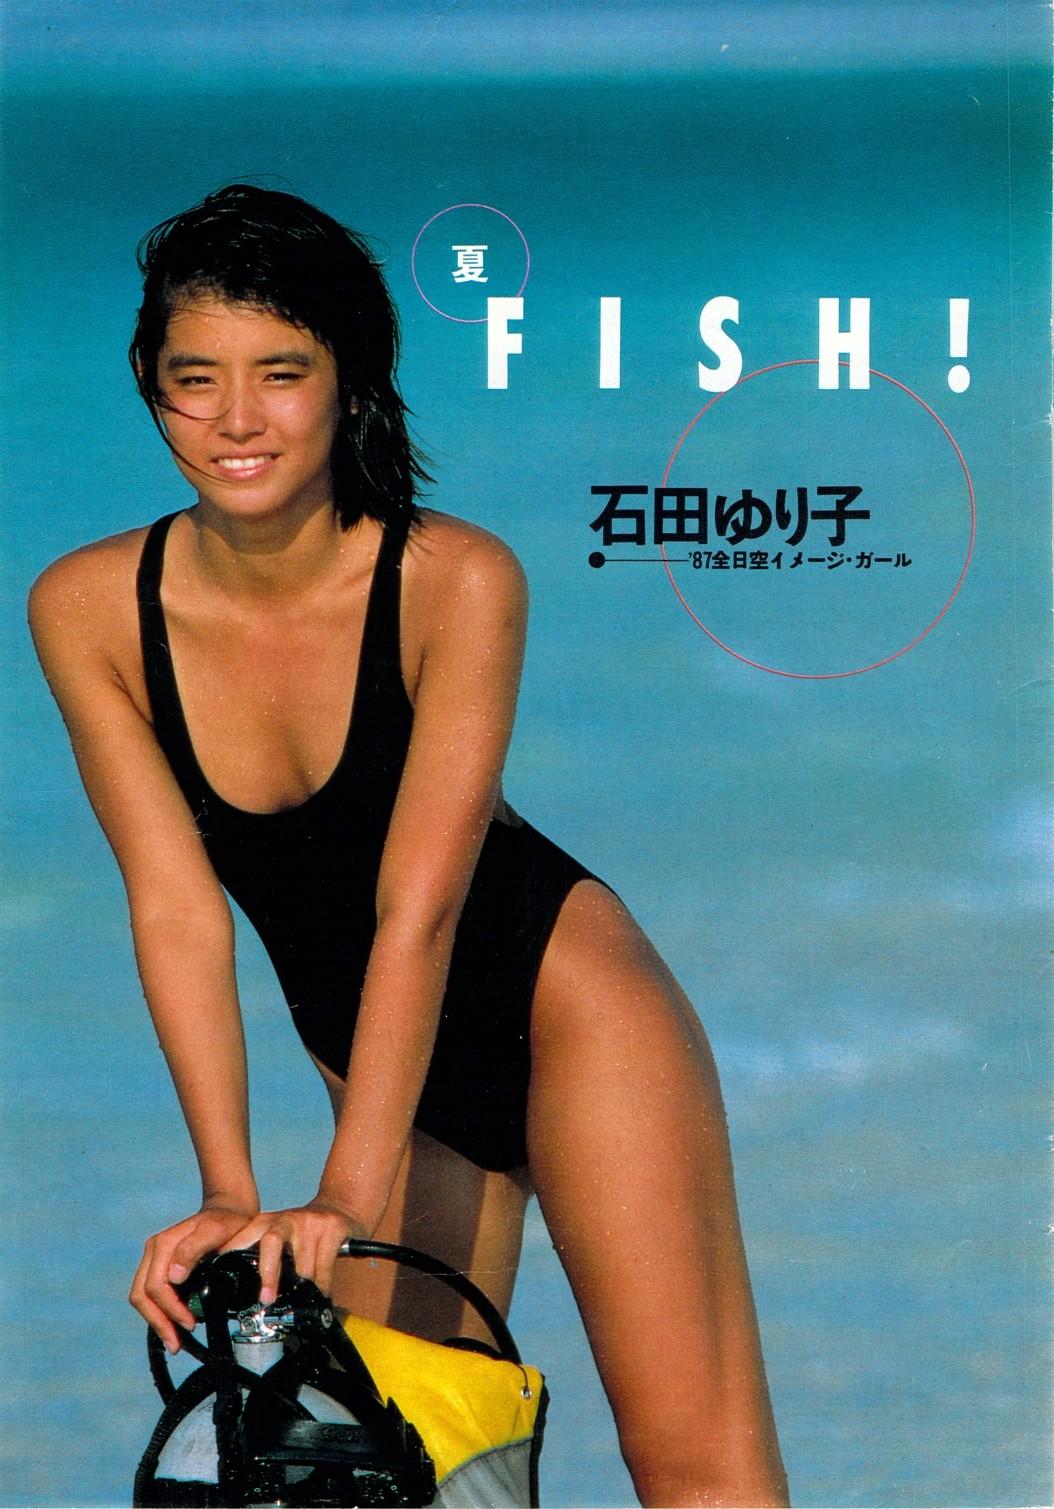 石田ゆり子、うれし恥ずかし、黒のハイレグ水着キャンペーンガール。 : 自作自演のハイレグレースクイーン